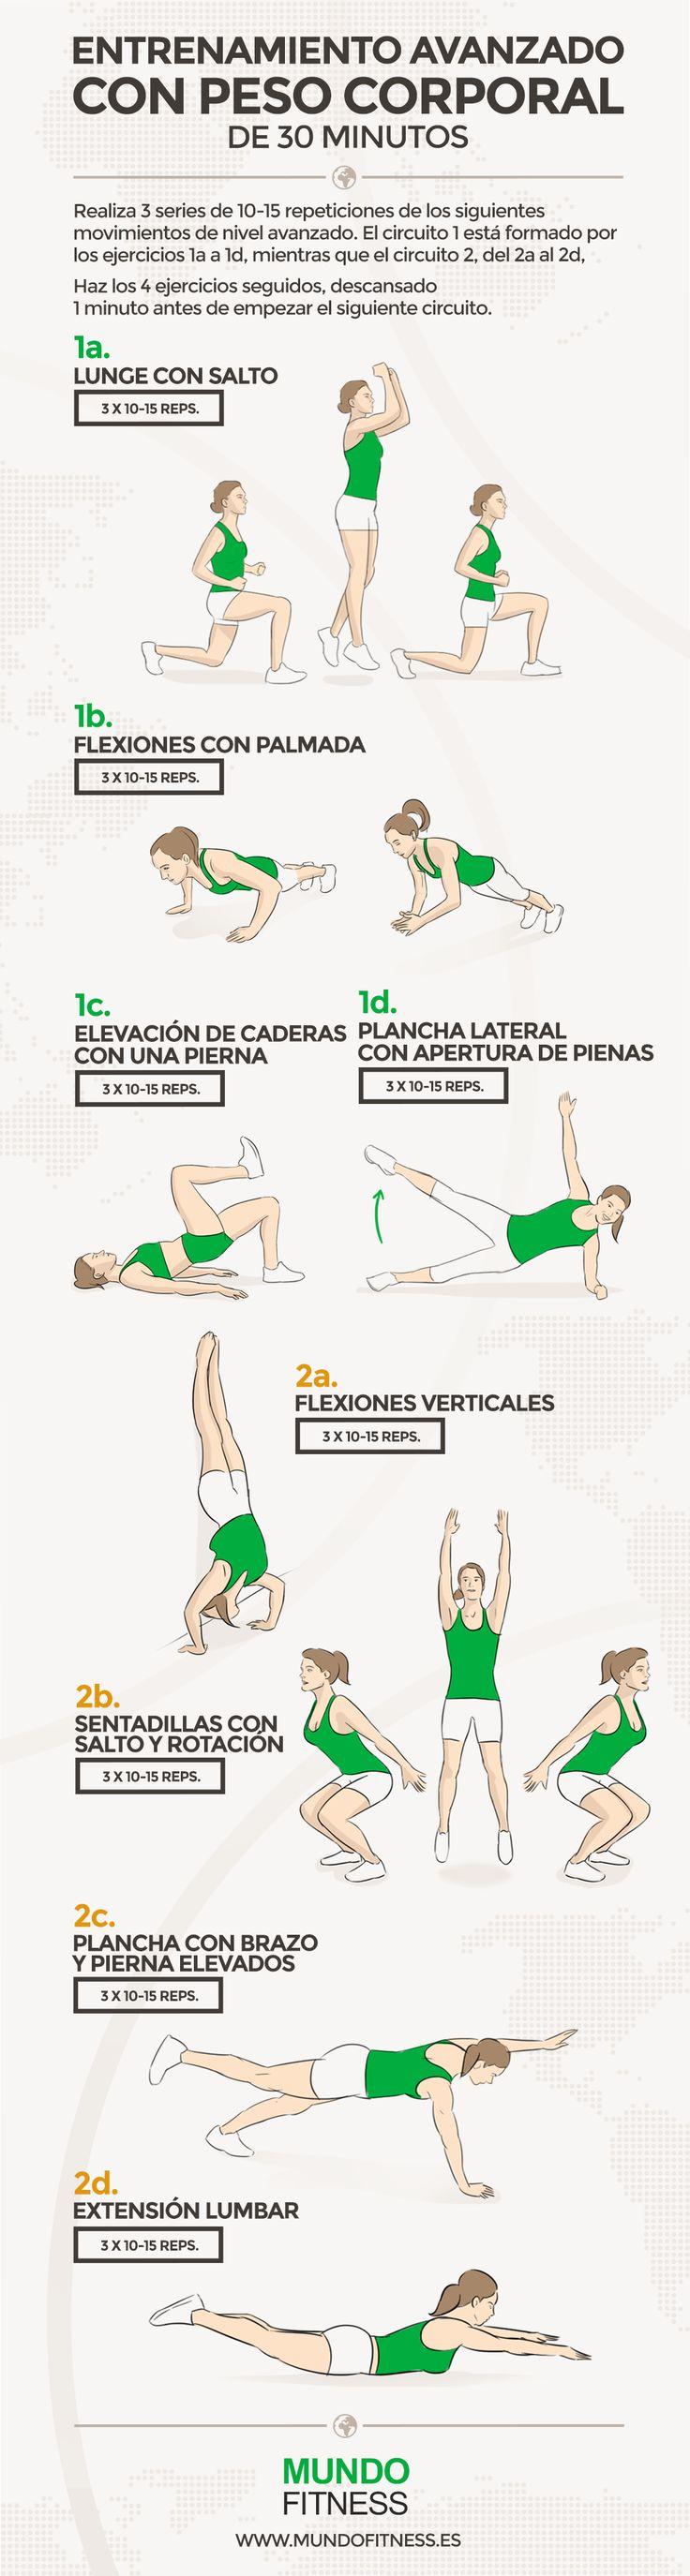 Entrenamiento avanzado de 30 minutos con peso corporal for Mundo fitness gym